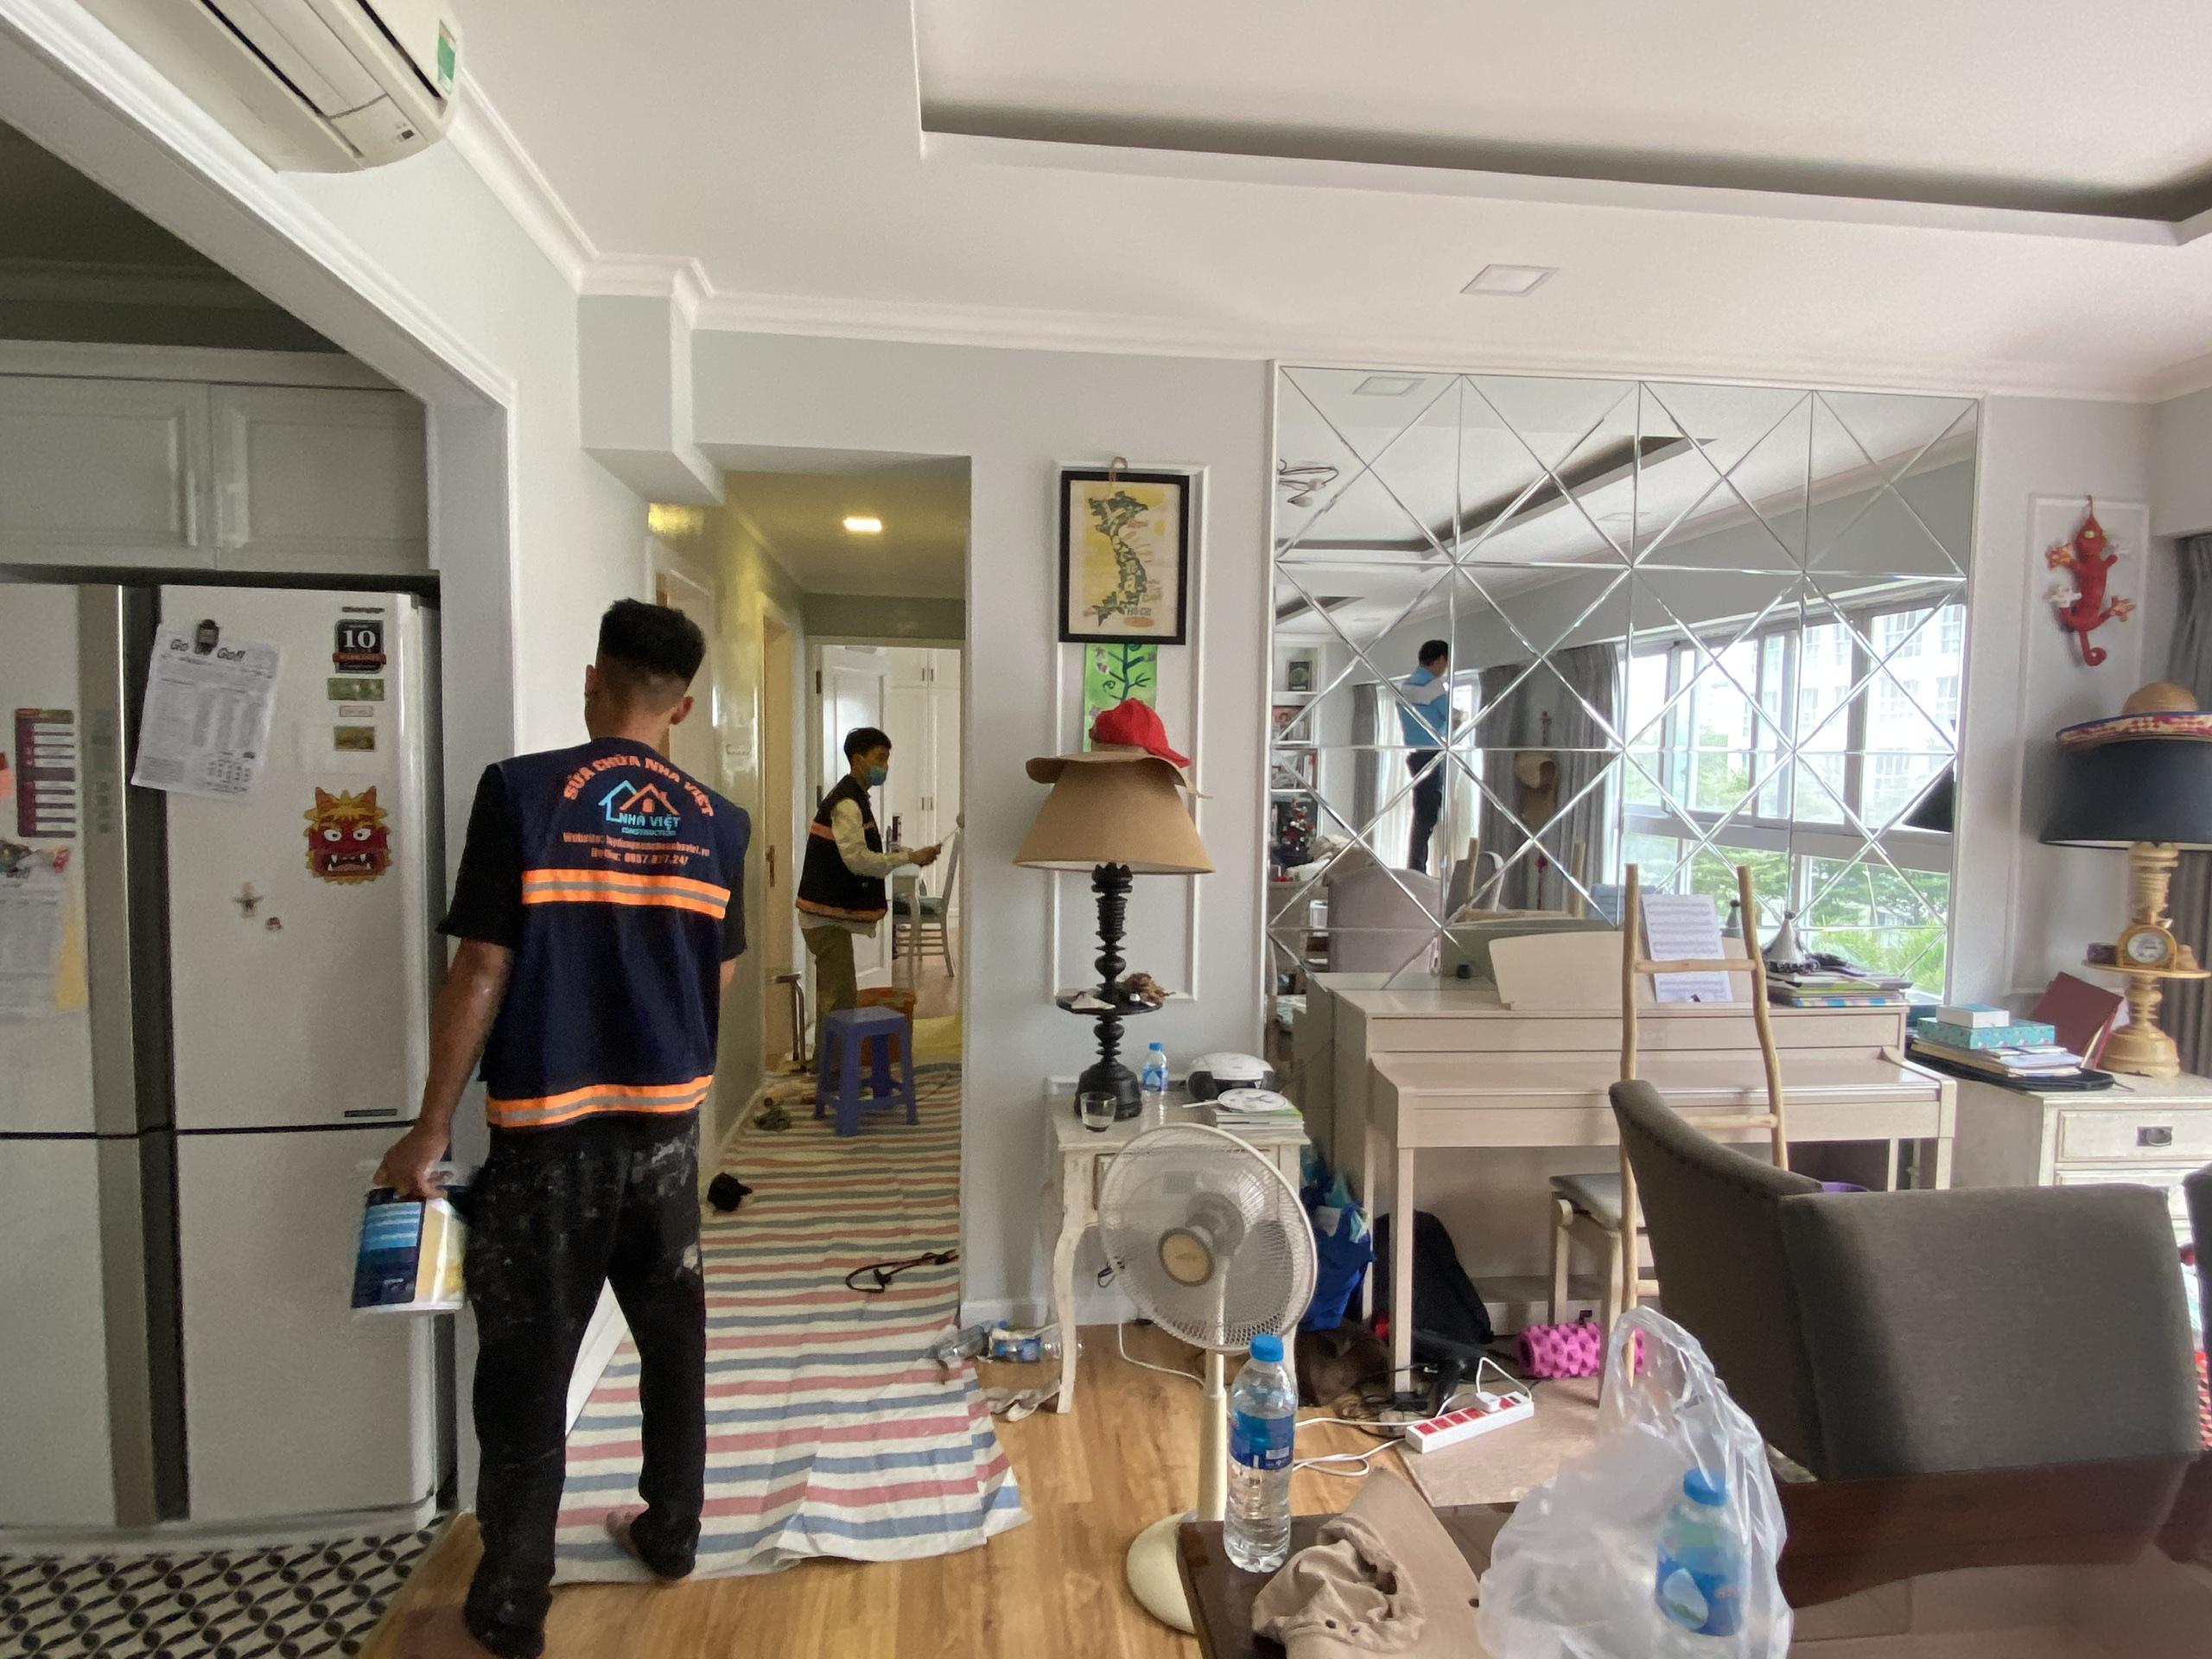 gia thi cong son nuoc 3 - Báo giá thi công sơn nước mới nhất, rẻ nhất tại Tp Hồ Chí Minh